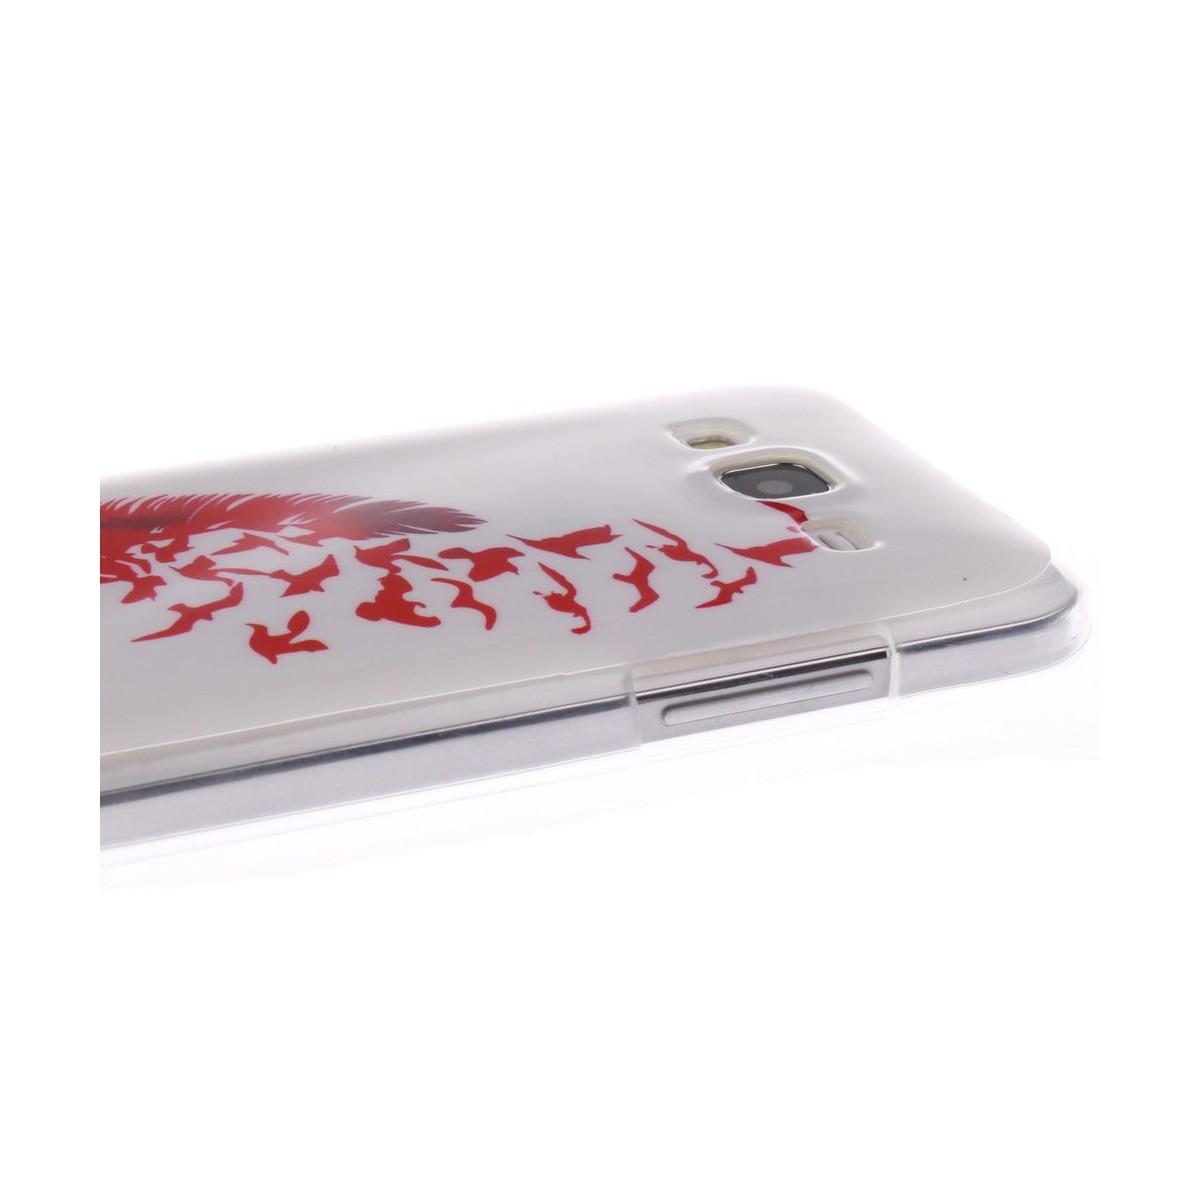 Coque Galaxy Core Prime motif Plume et Oiseaux Rouge - Crazy Kase